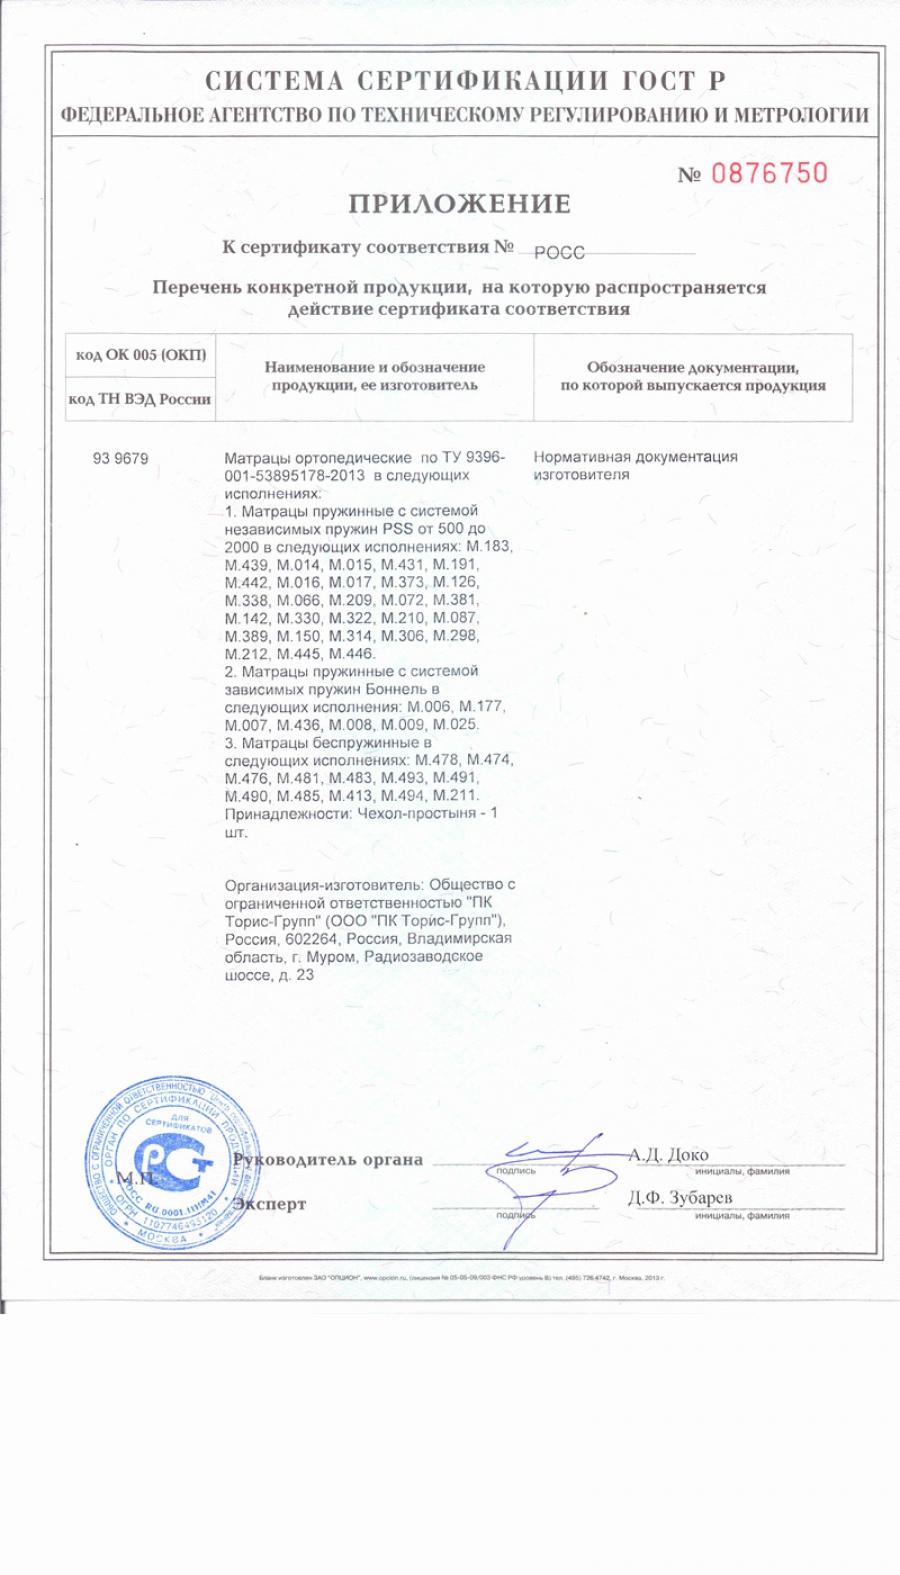 Сертификат ортопедические матрасы Торис